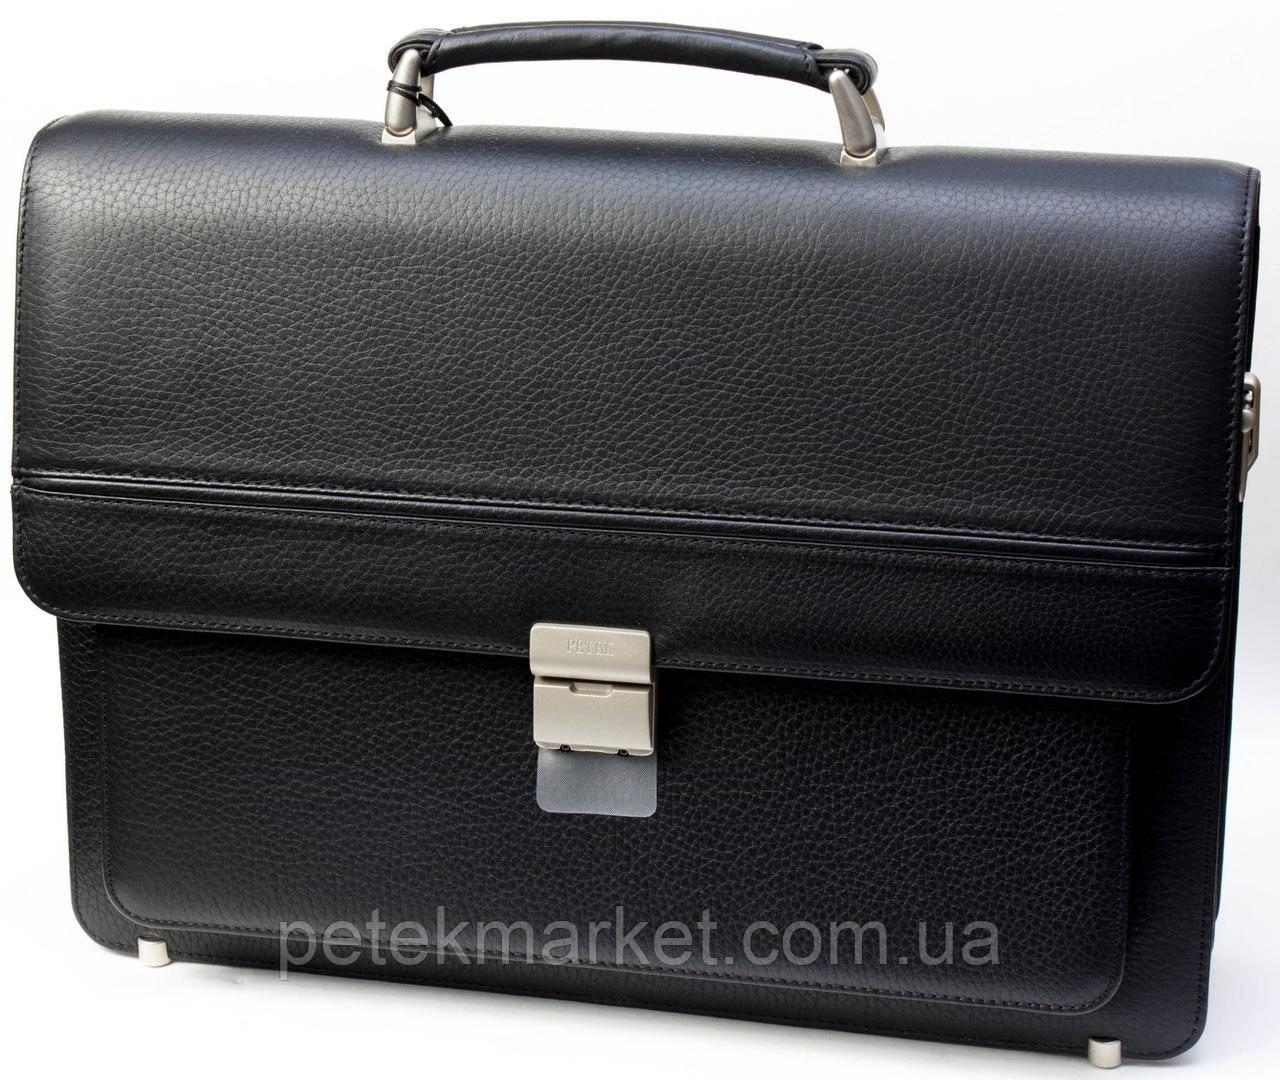 Портфель мужской PETEK 854 Черный (854-46B-01)